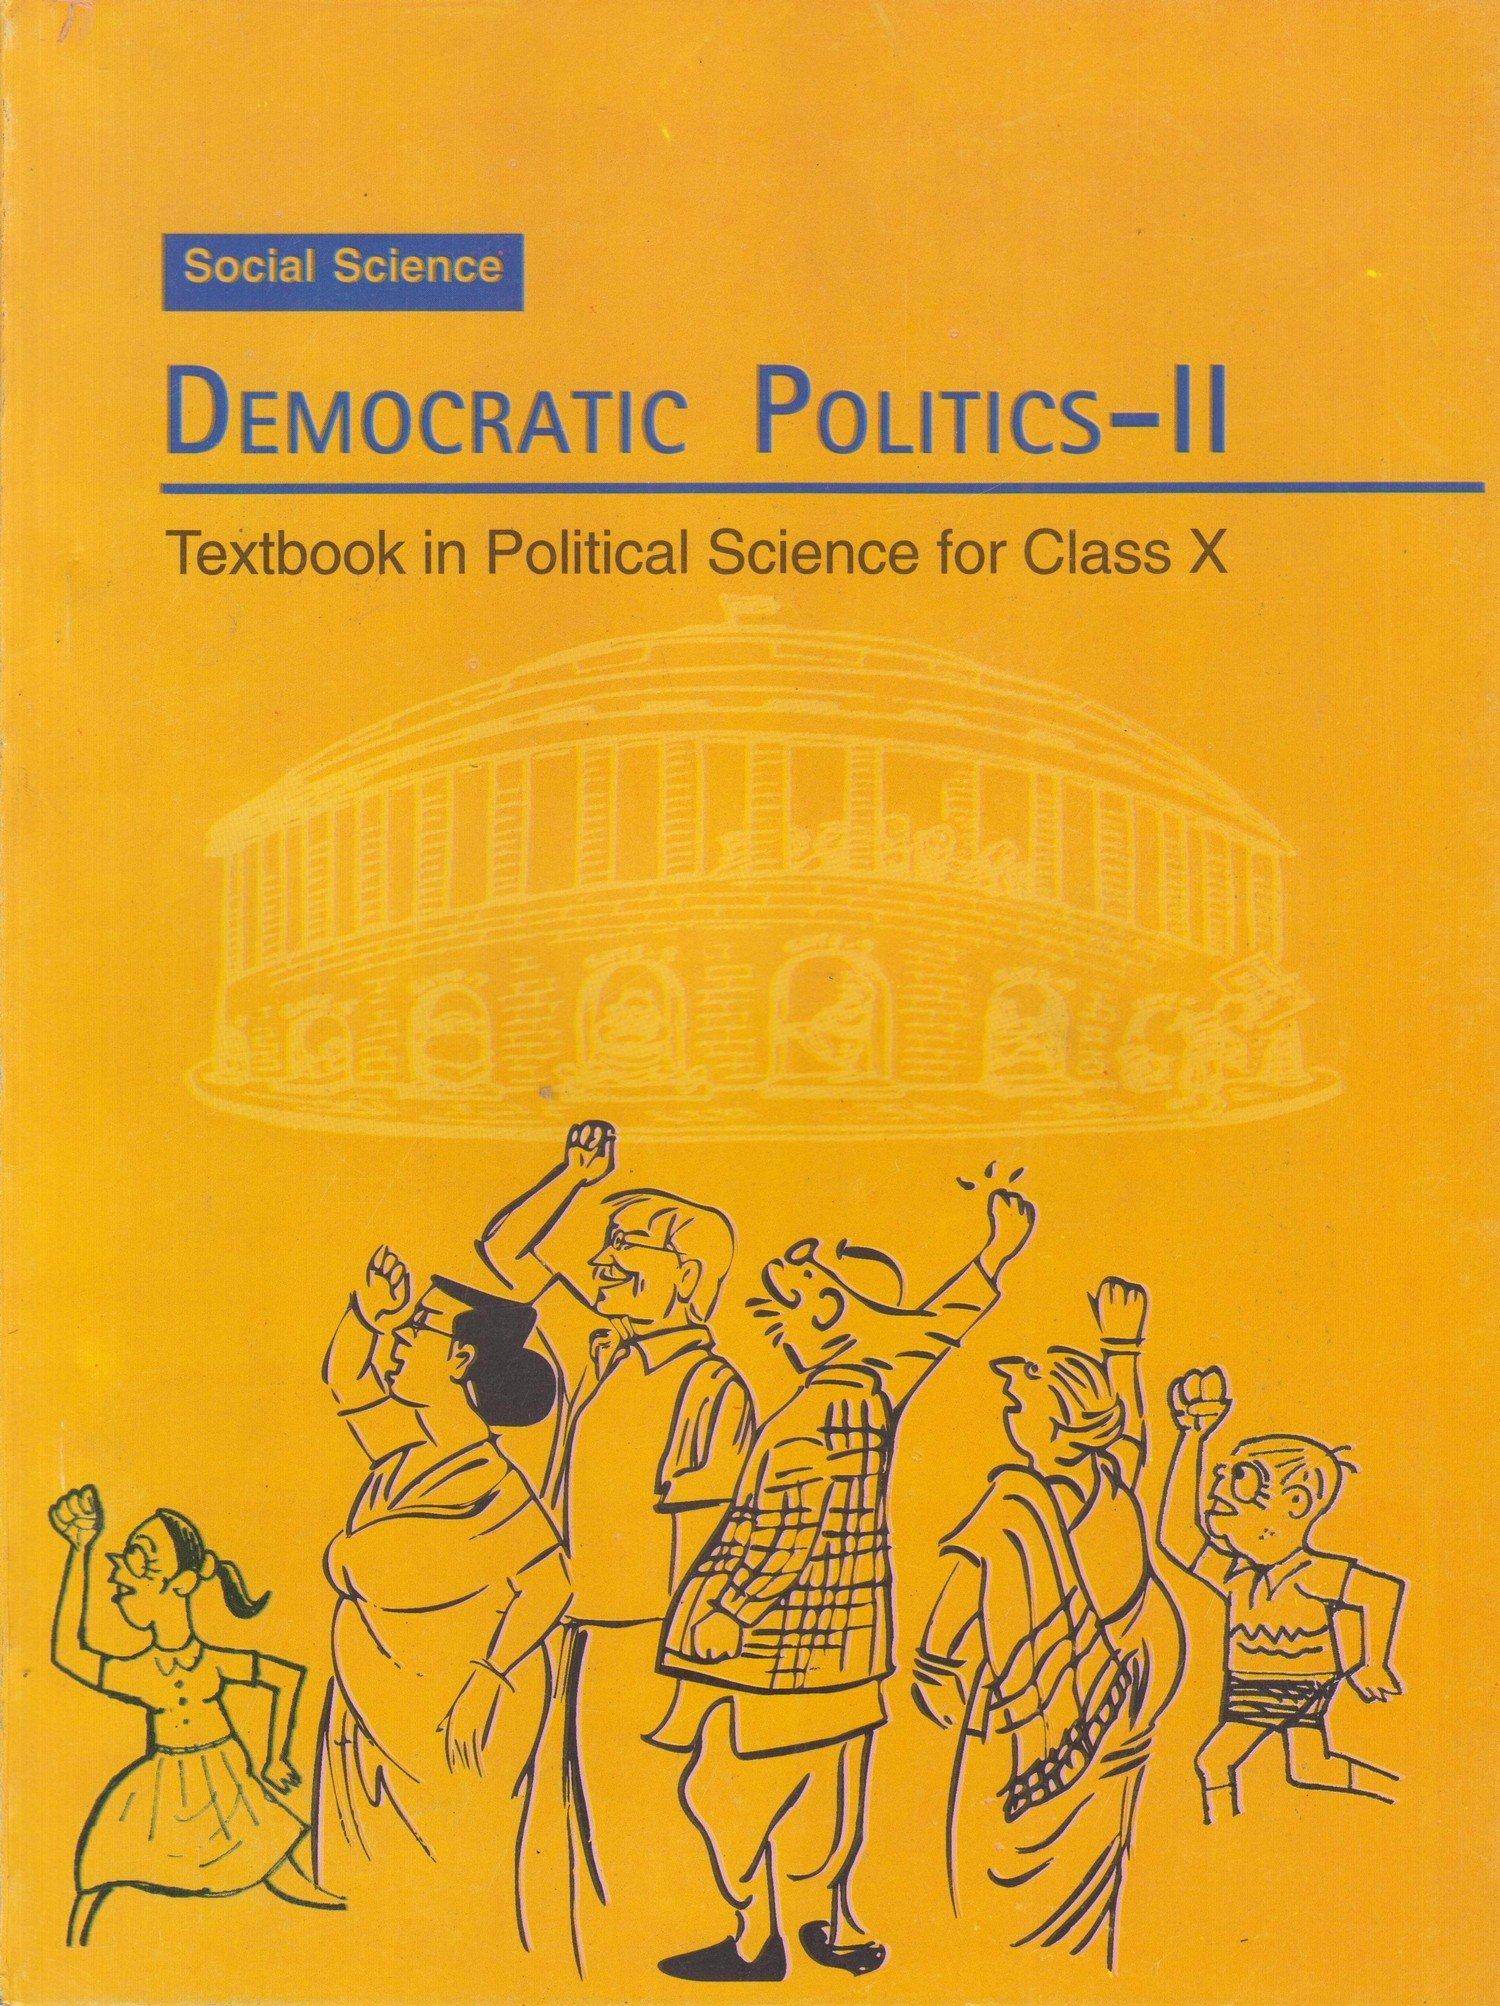 democratic politics II